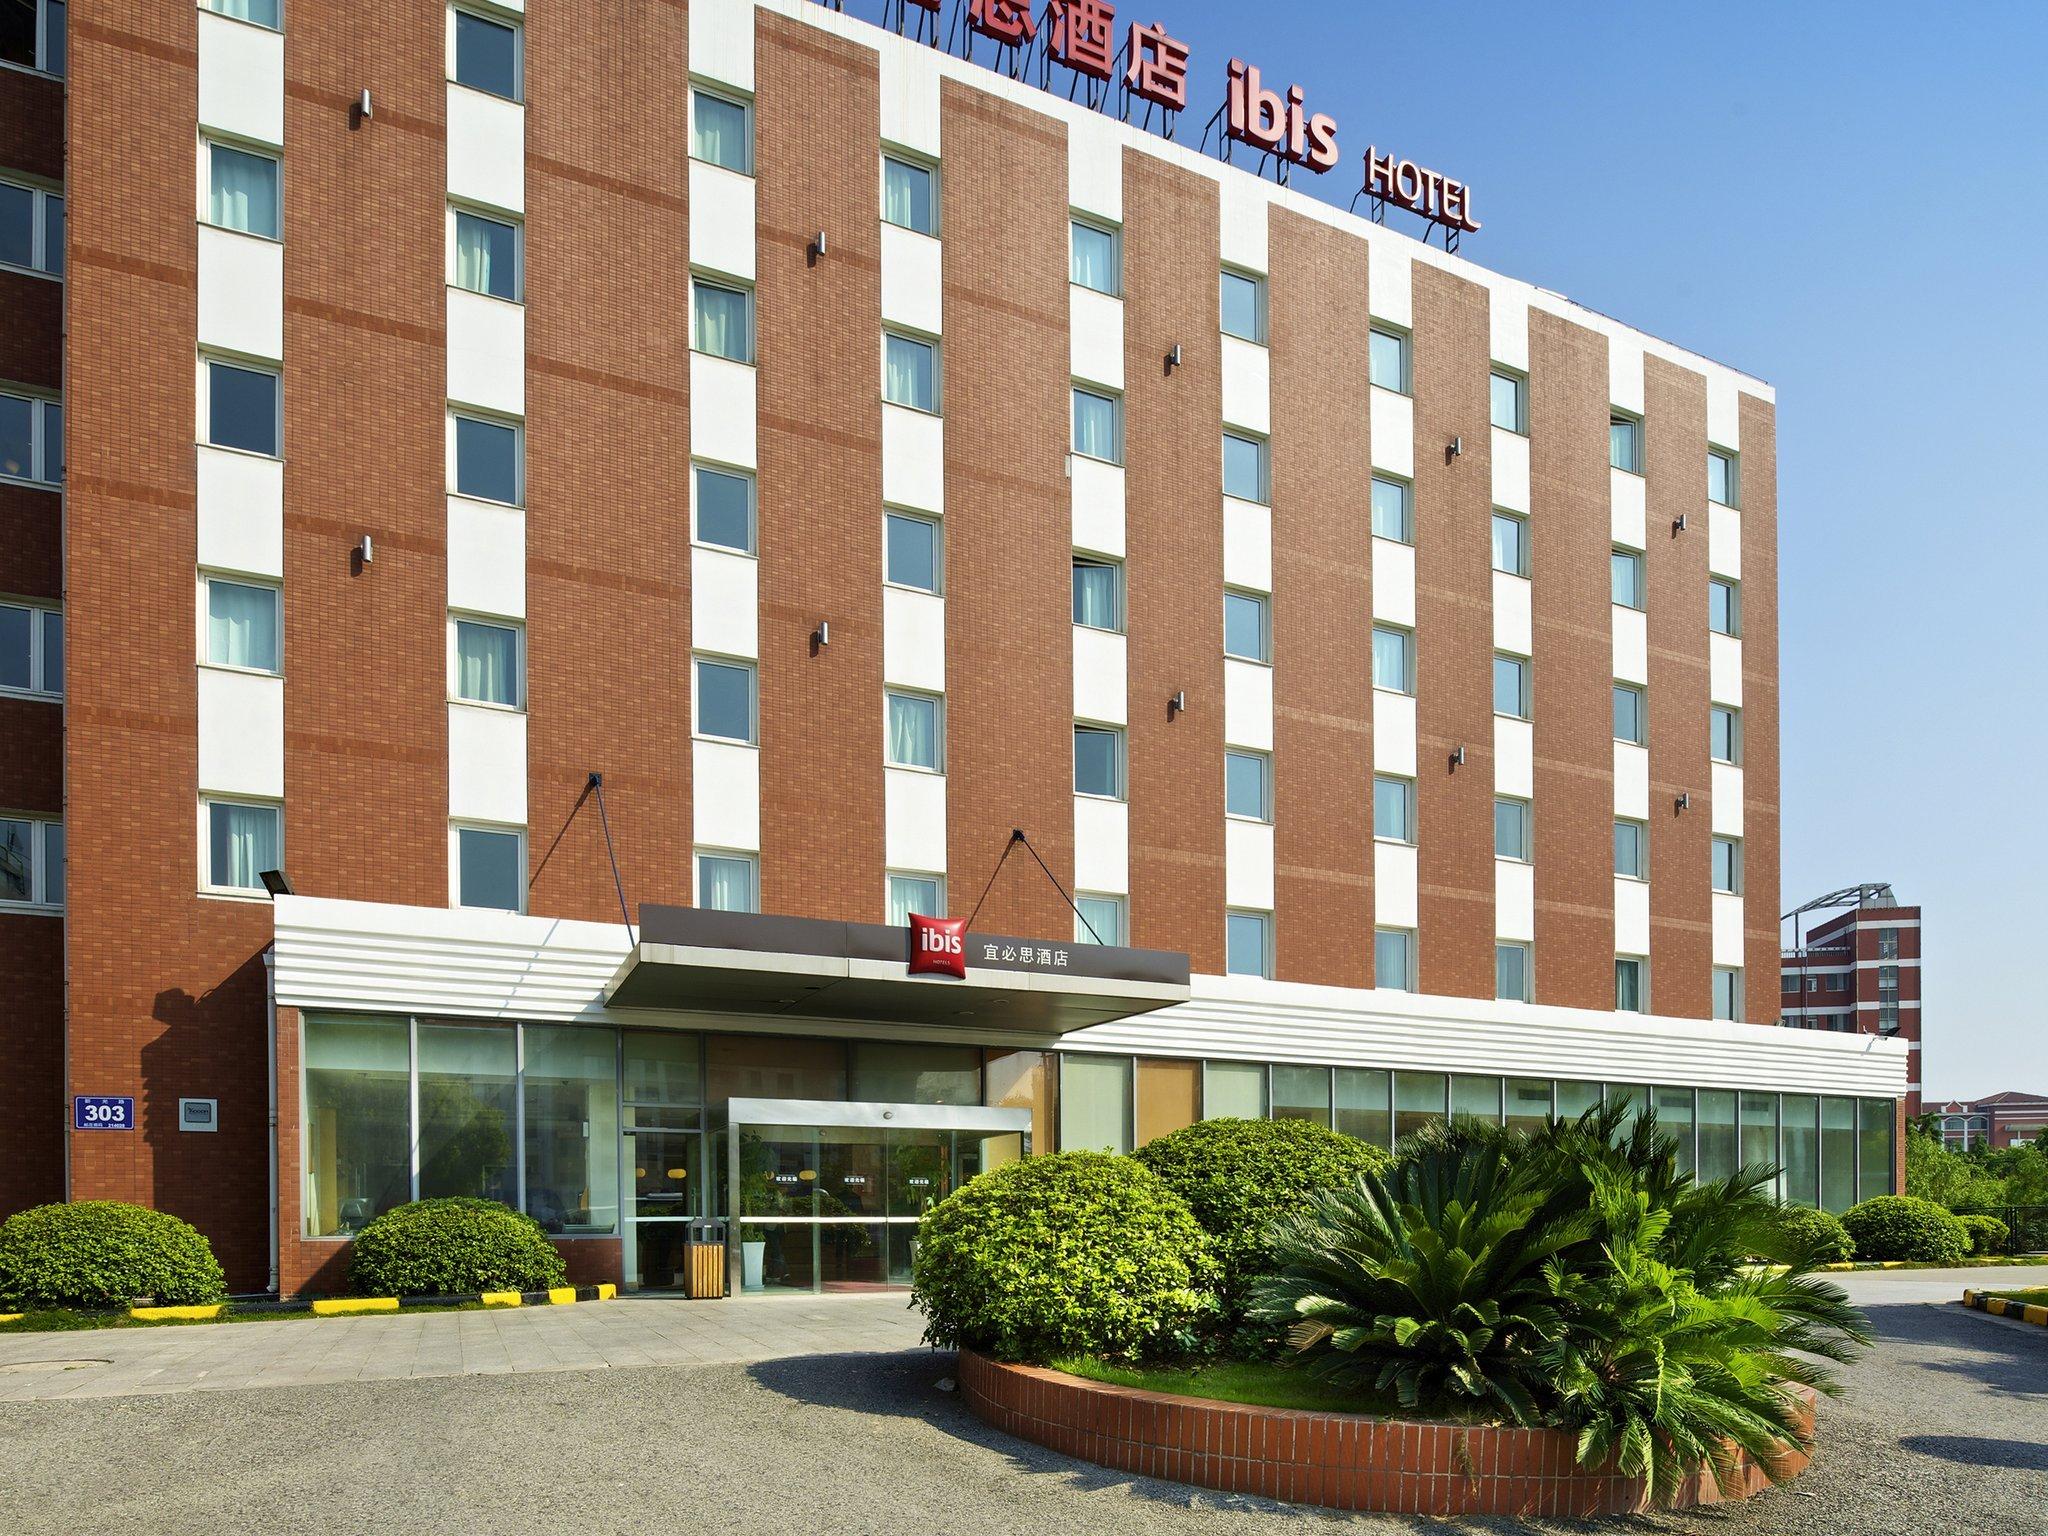 ホテル イビス ウーシー ハイテク